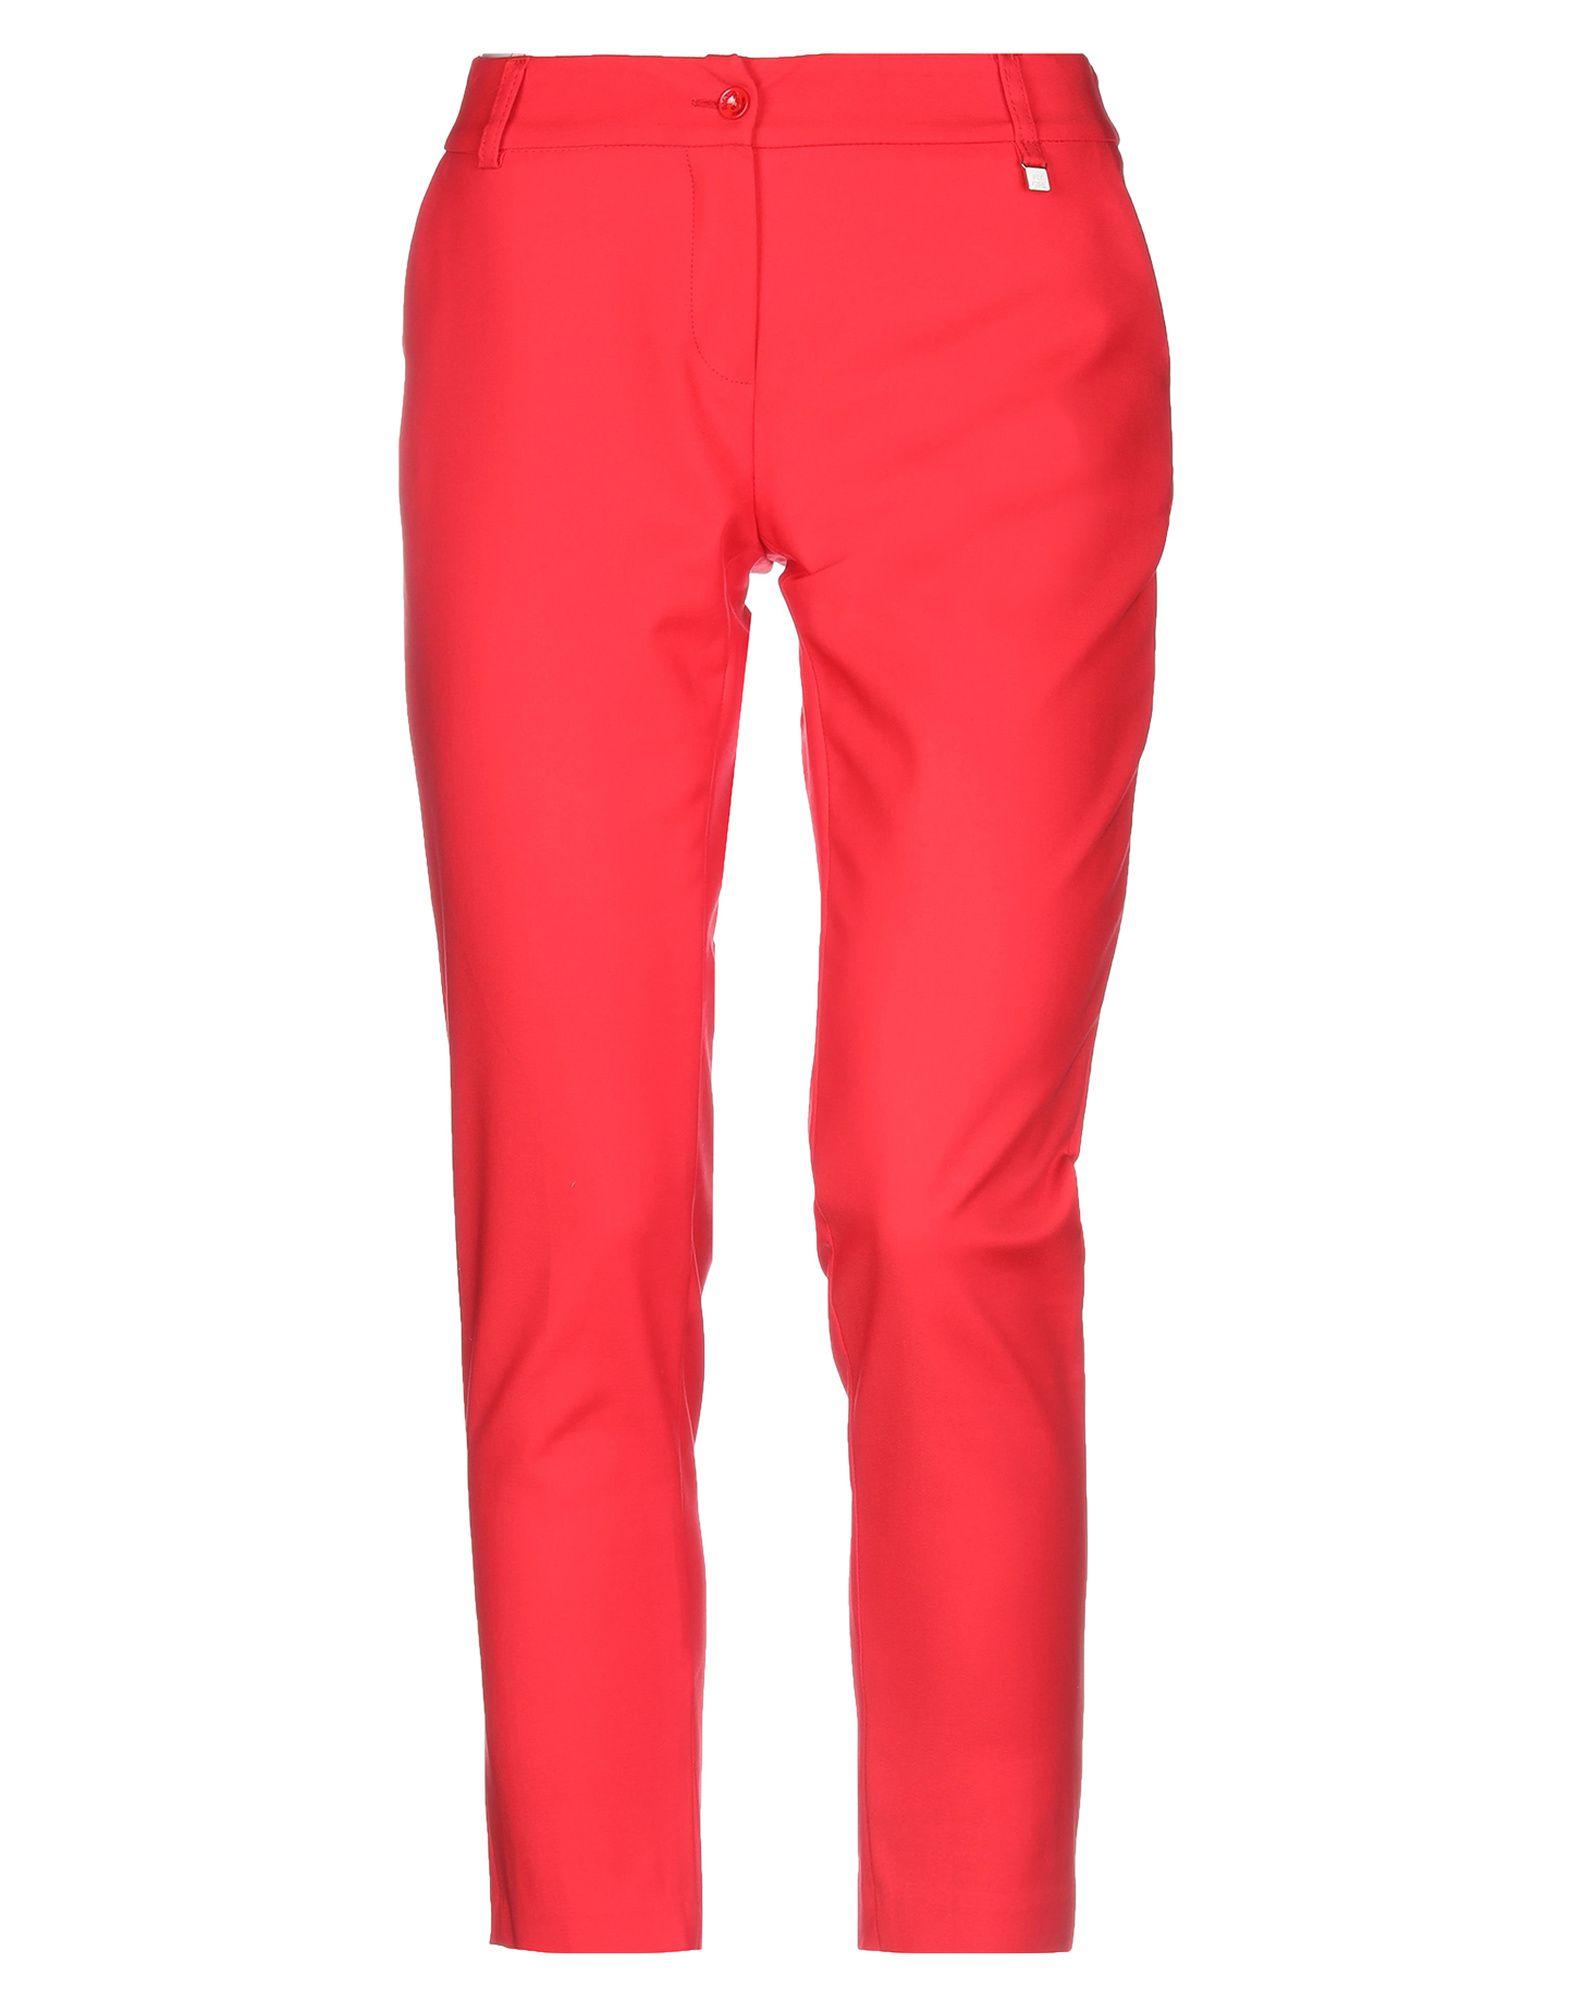 Фото - FLY GIRL Повседневные брюки fly girl повседневные шорты